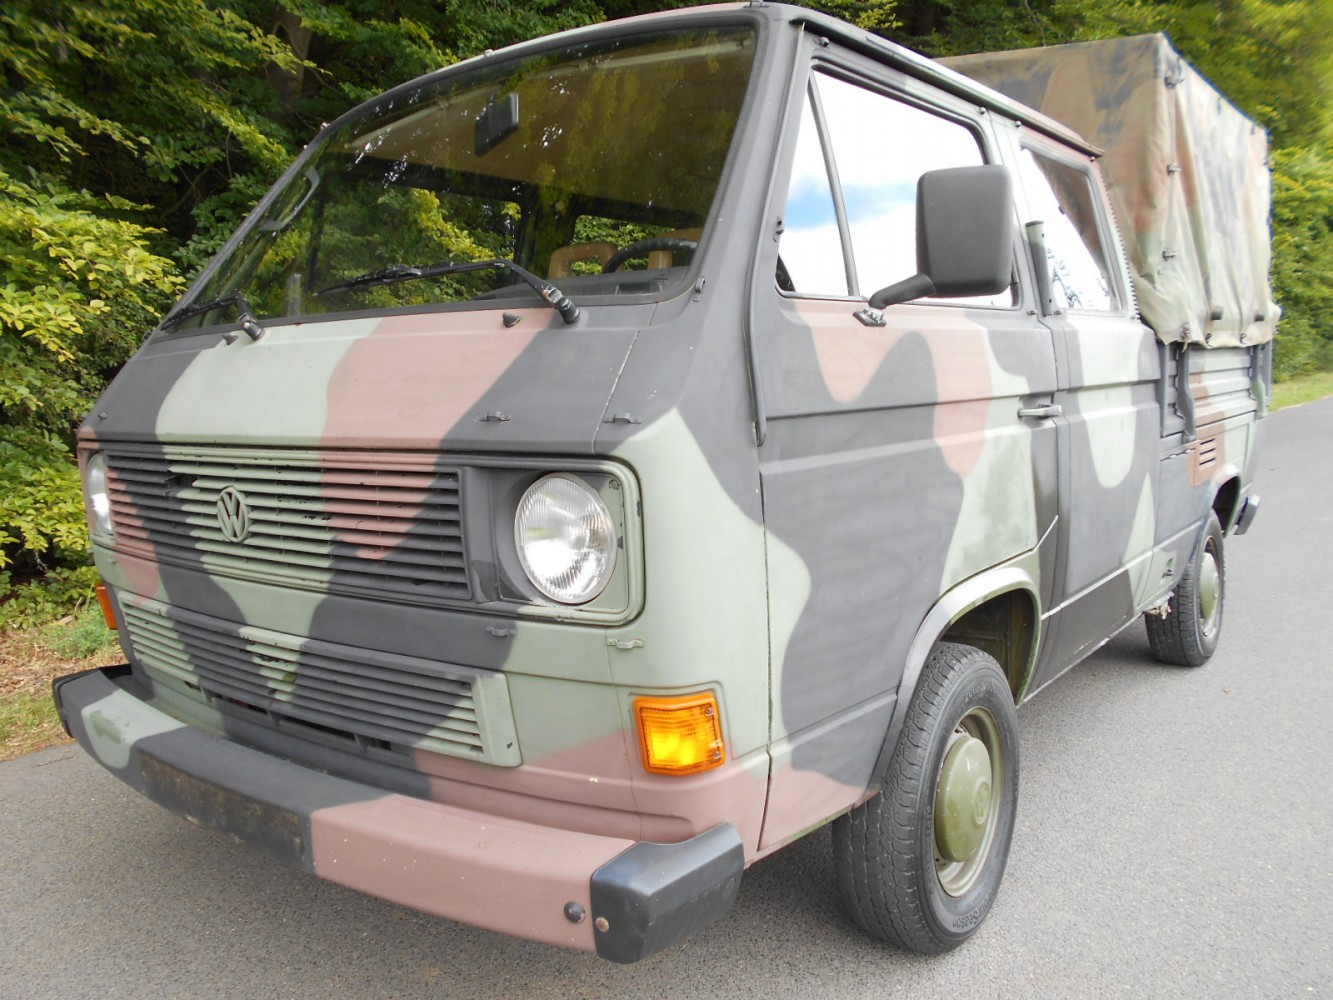 volkswagen t3 doppelkabine doka bundeswehr birgland classics. Black Bedroom Furniture Sets. Home Design Ideas